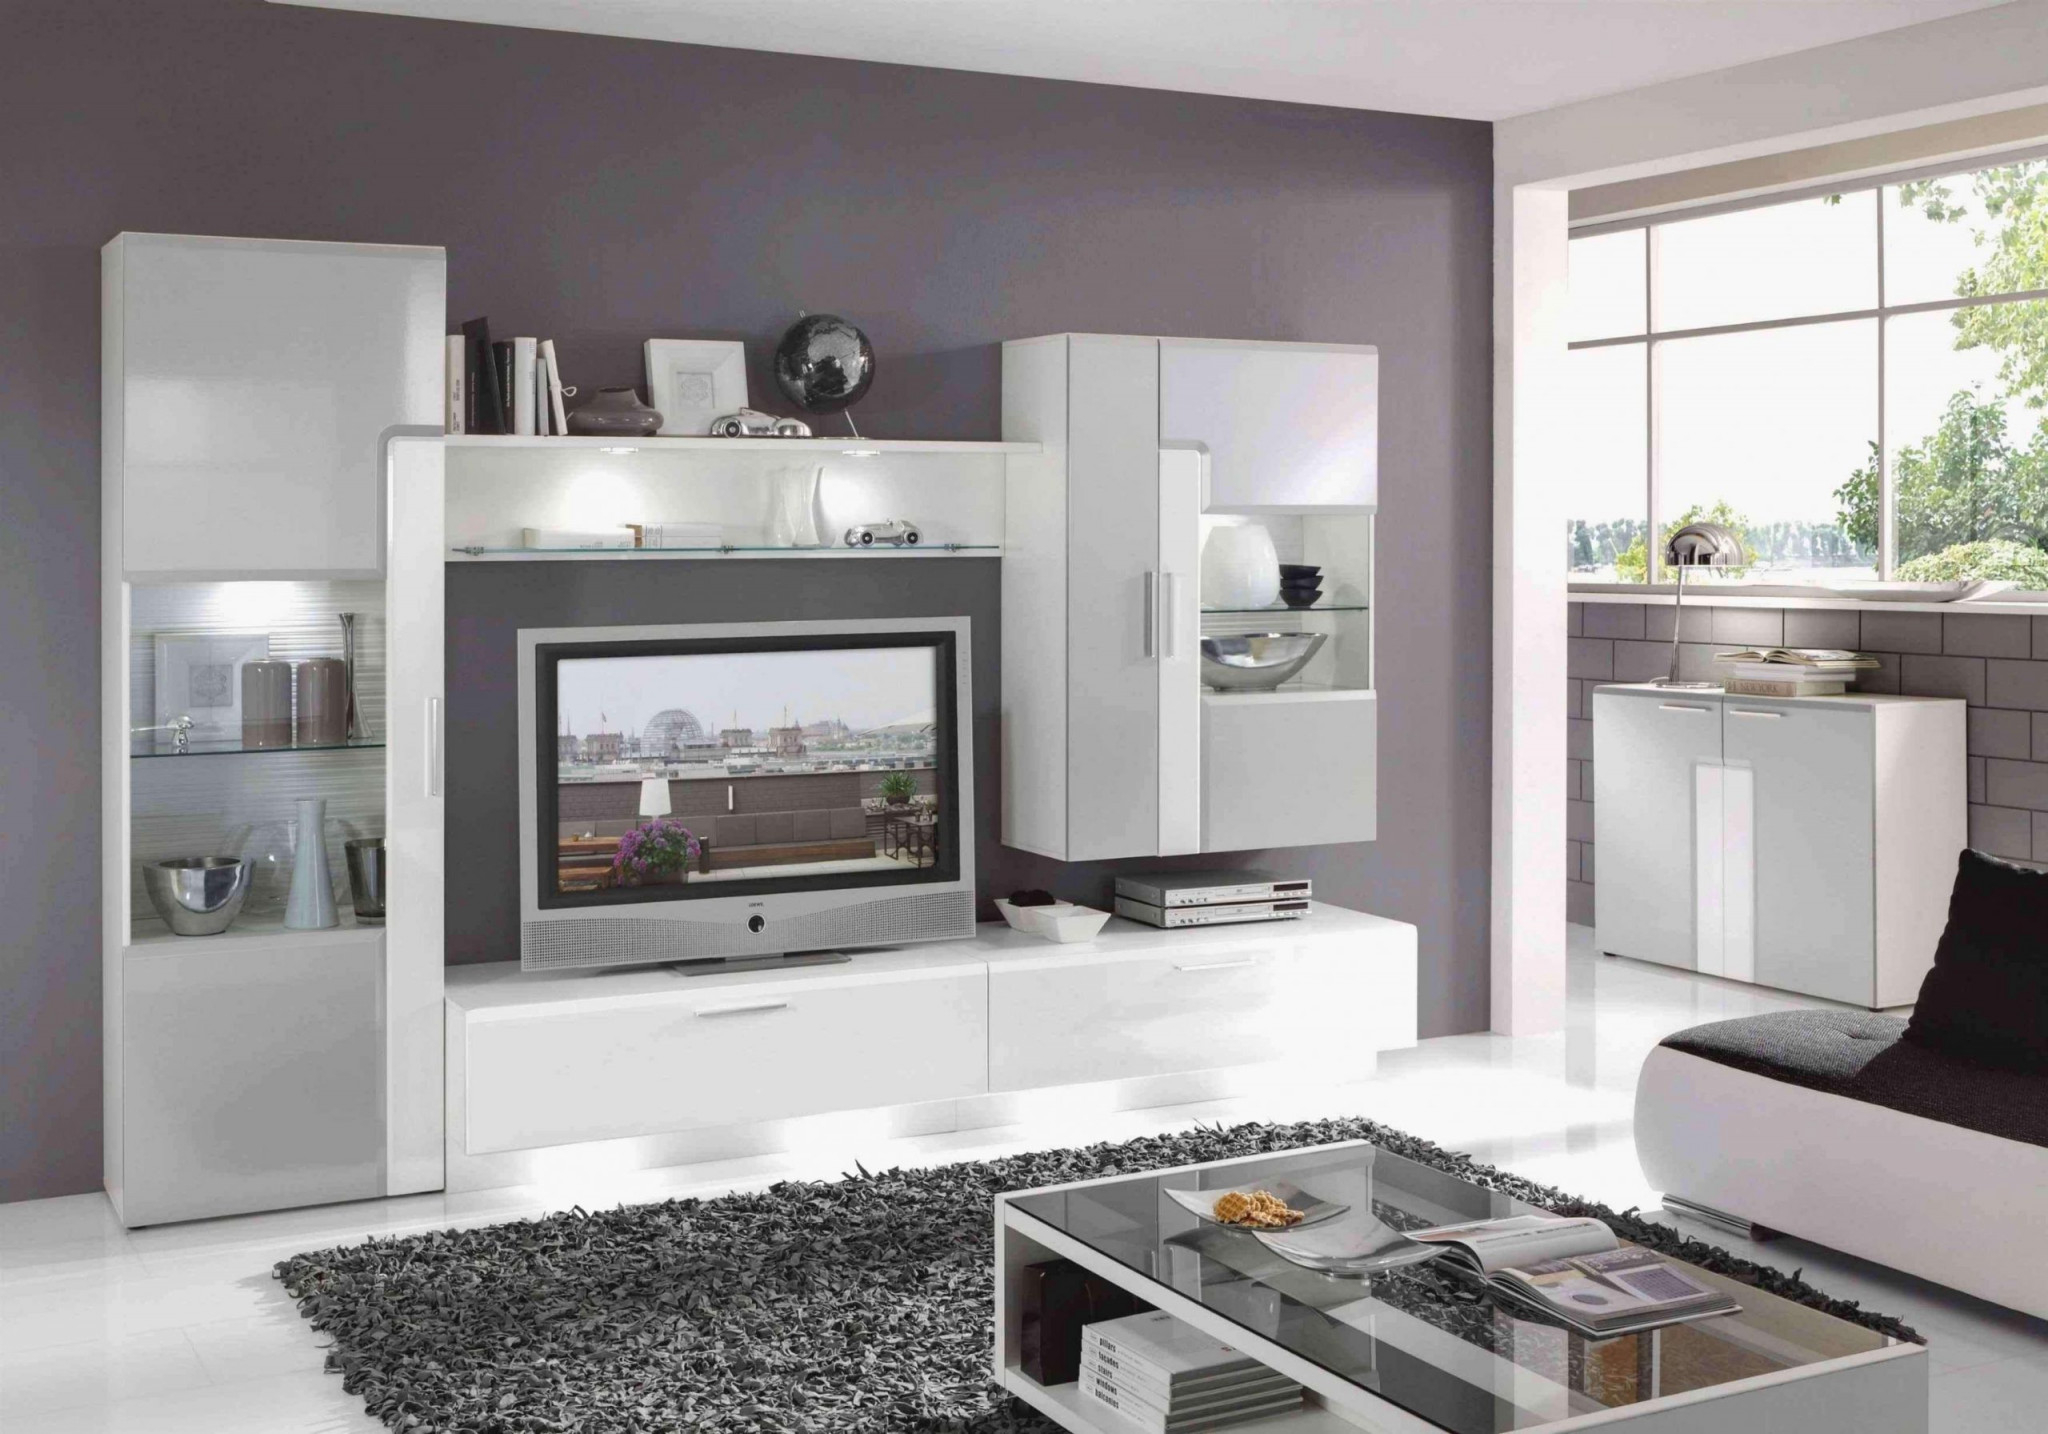 40 Inspirierend Großes Wohnzimmer Einrichten Genial von Wohnzimmer Gestalten Grau Bild